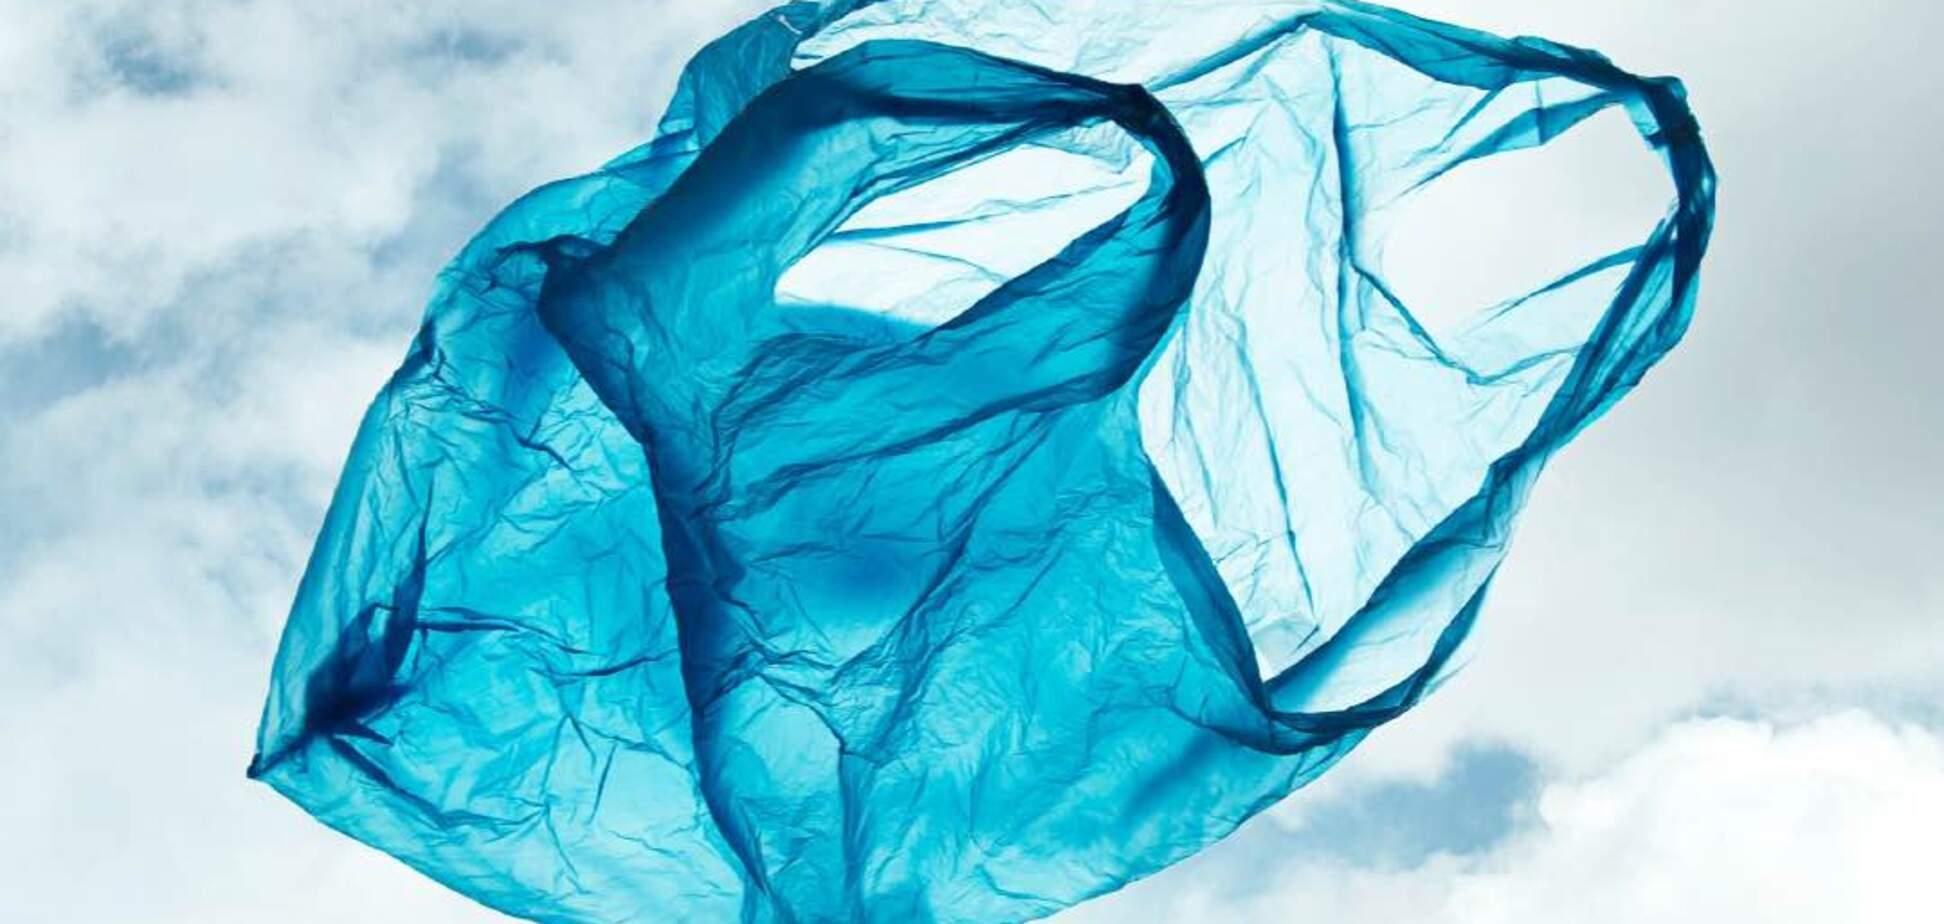 В Україні почали випускати біорозкладні пакети для сміття і покупок